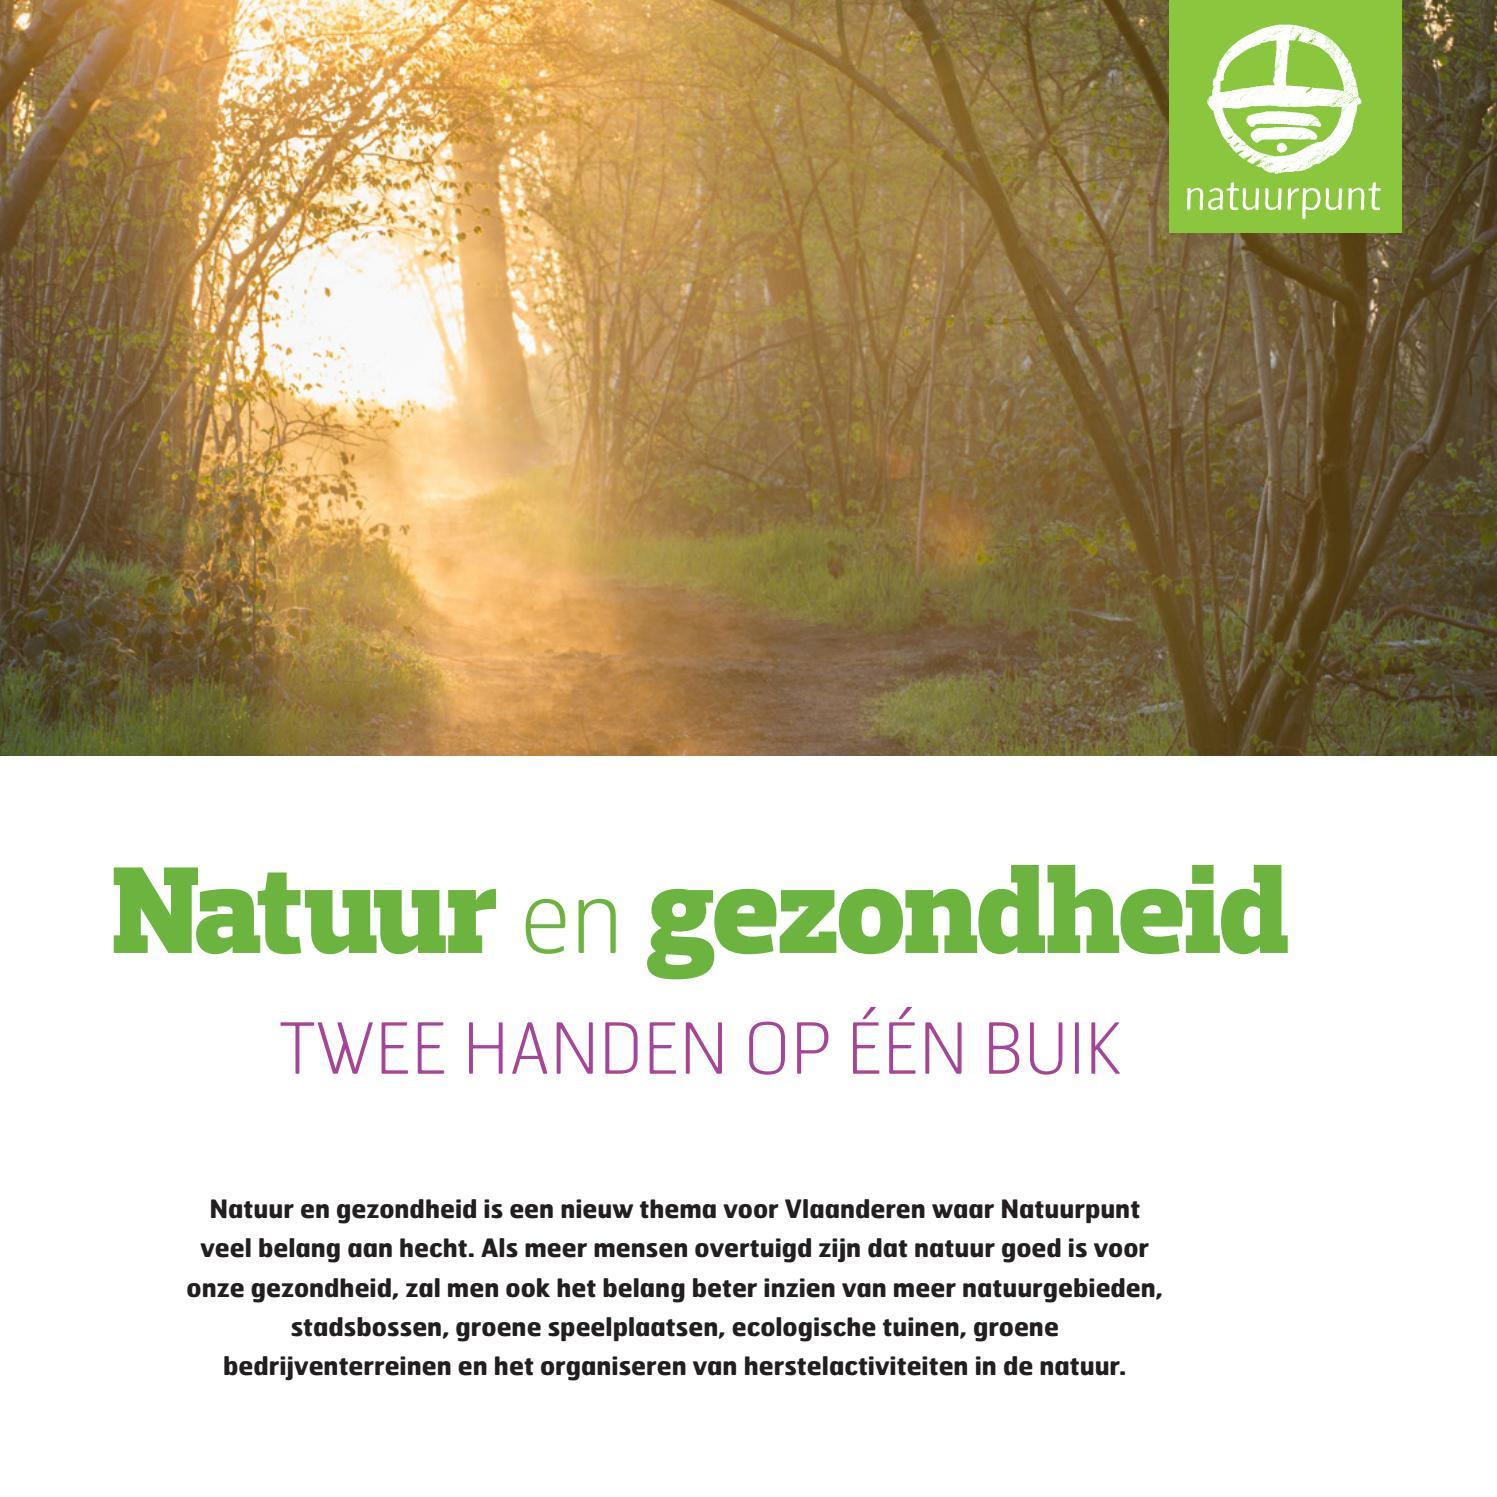 Afbeeldingsresultaat voor natuur en gezondheid